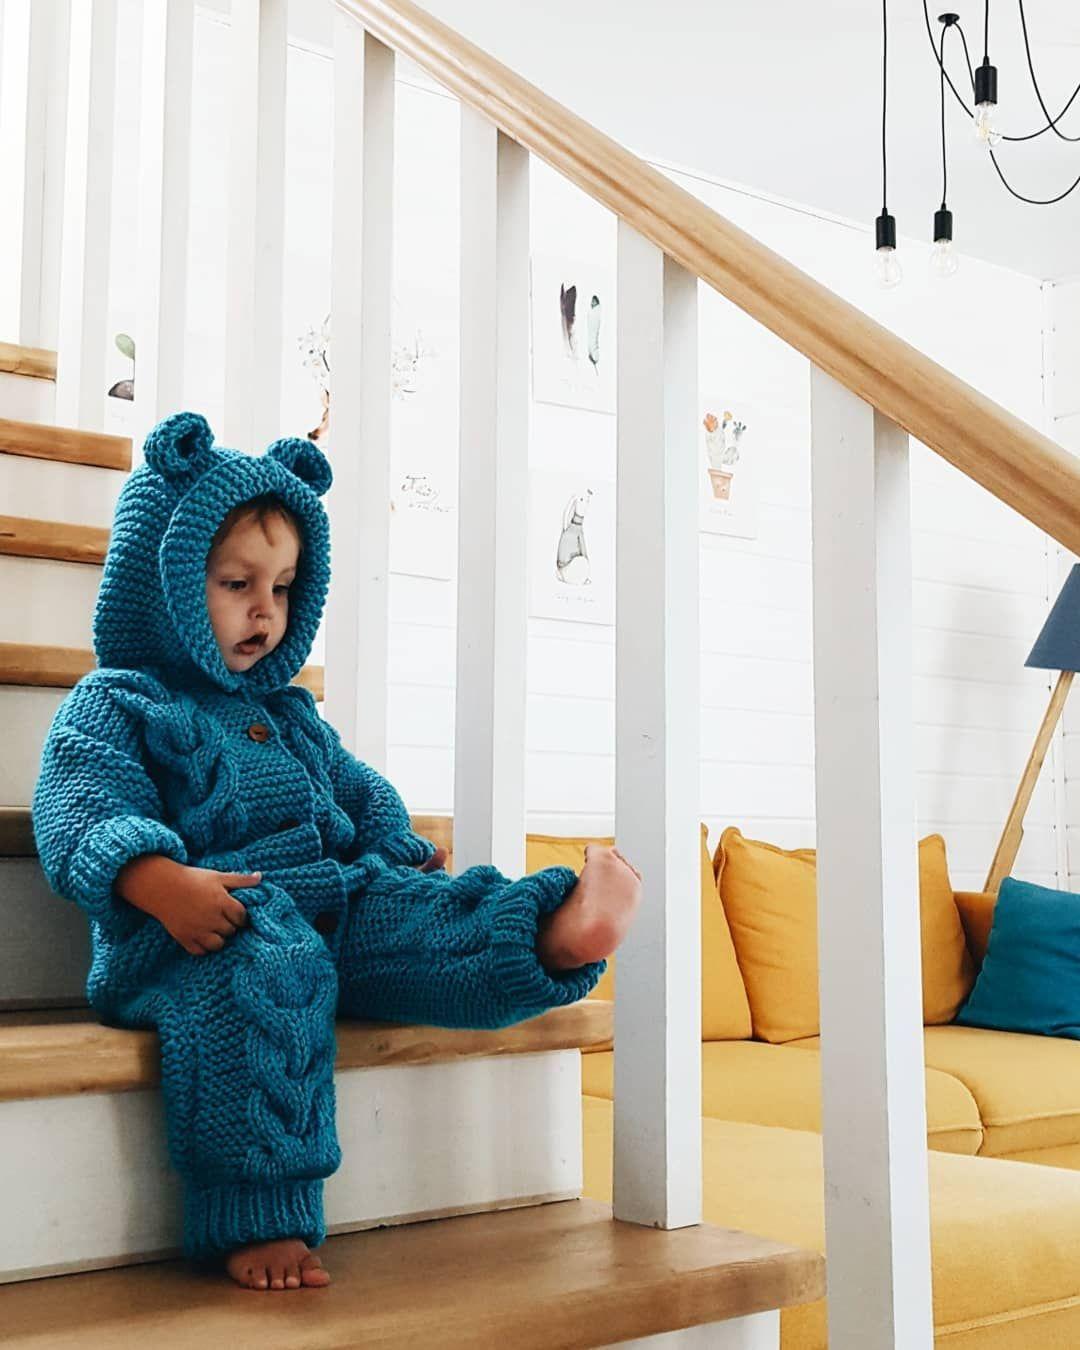 Мой медведь в совершенстве освоил лестницу 🐻🐻🐻 А это означает лишь одно  - моя 37e1edf3cc9